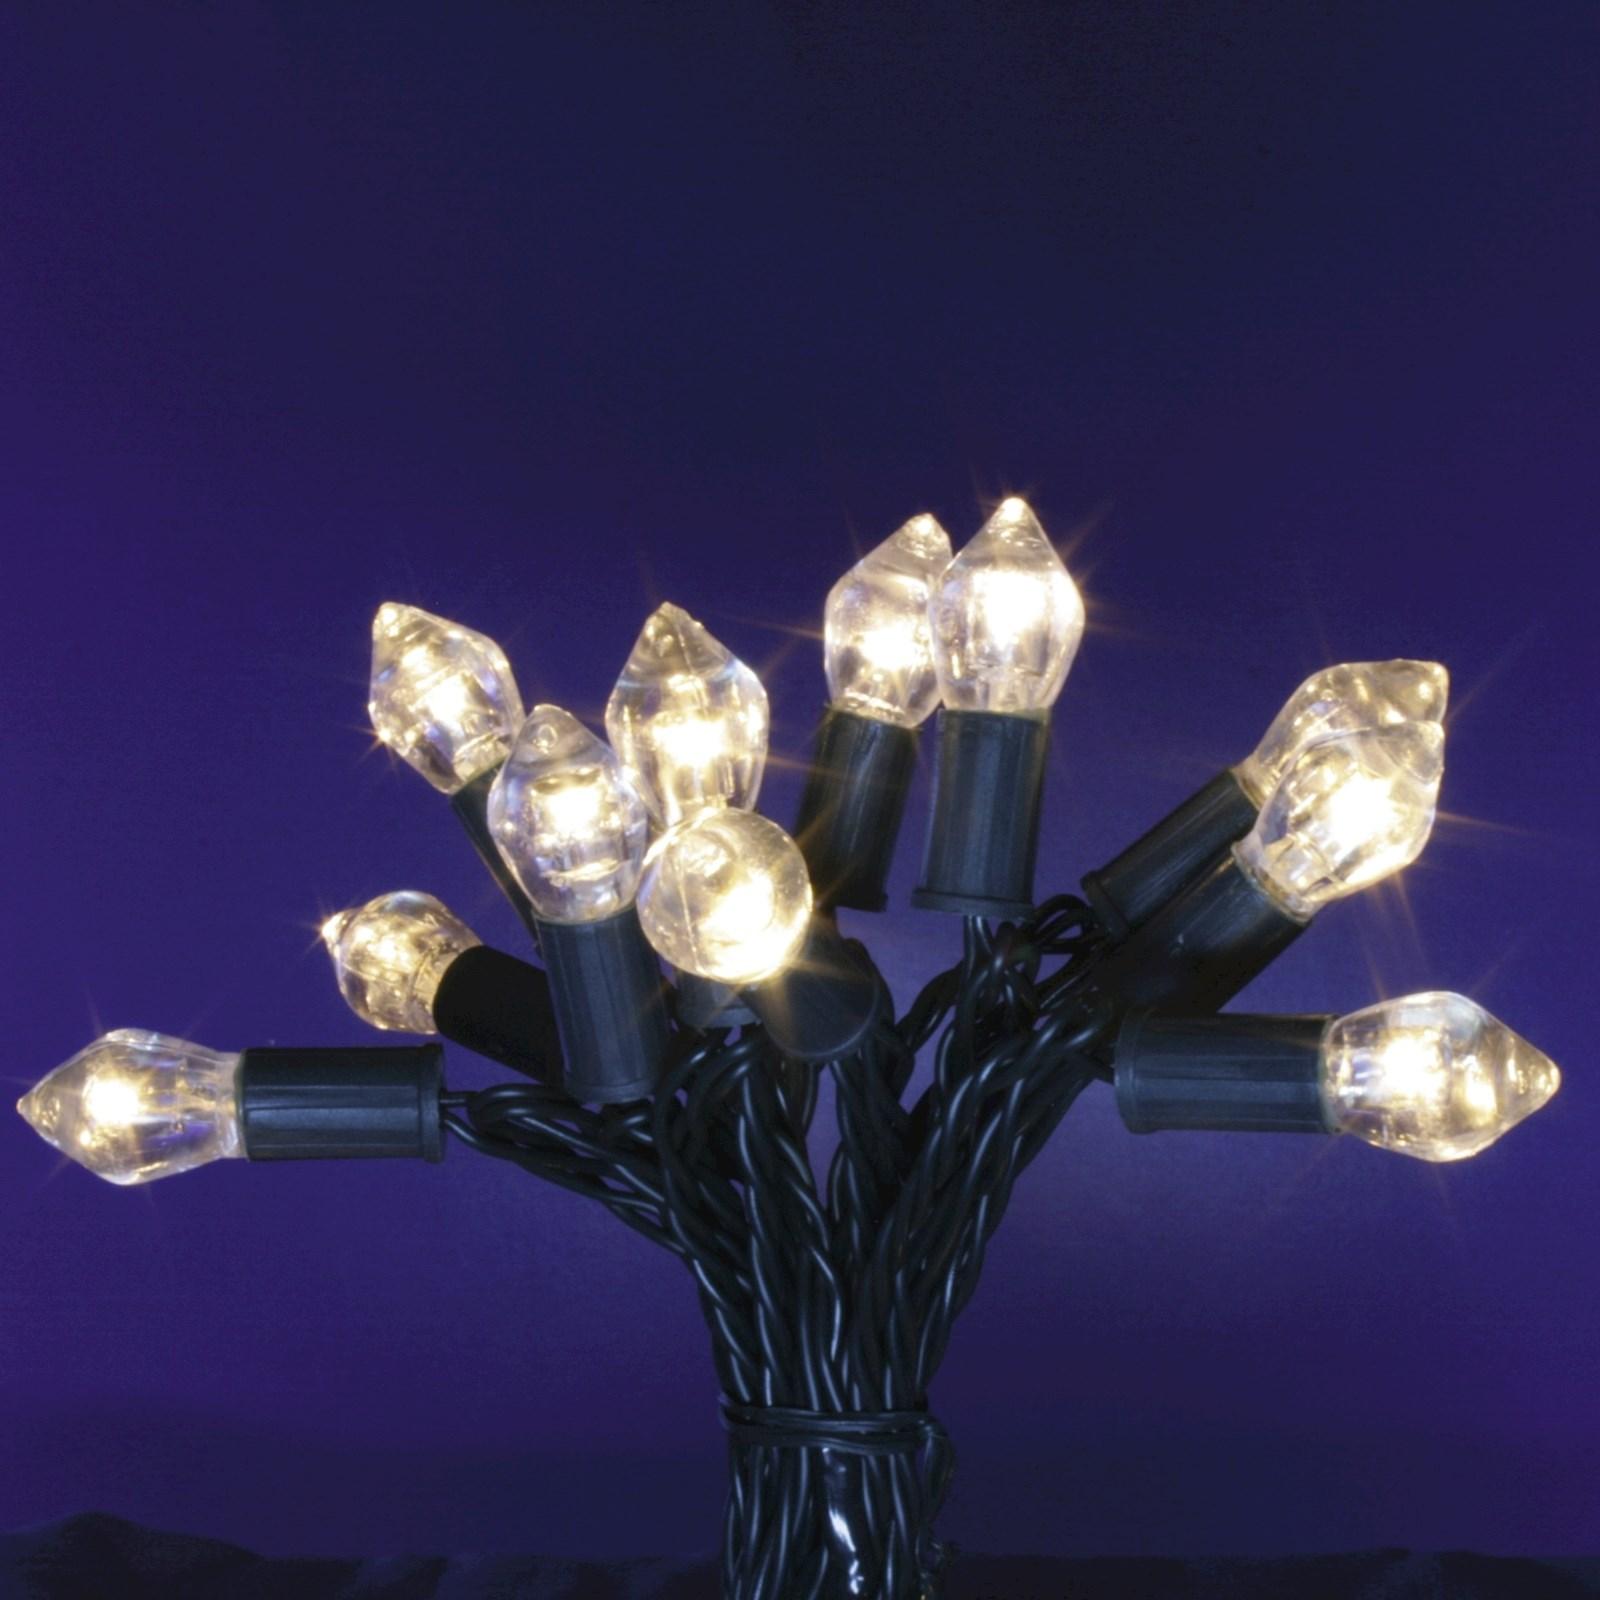 Weihnachtsbeleuchtung Lichterketten Led.Lichterkette Led Multilight Ii Weihnachtsbeleuchtung Landi